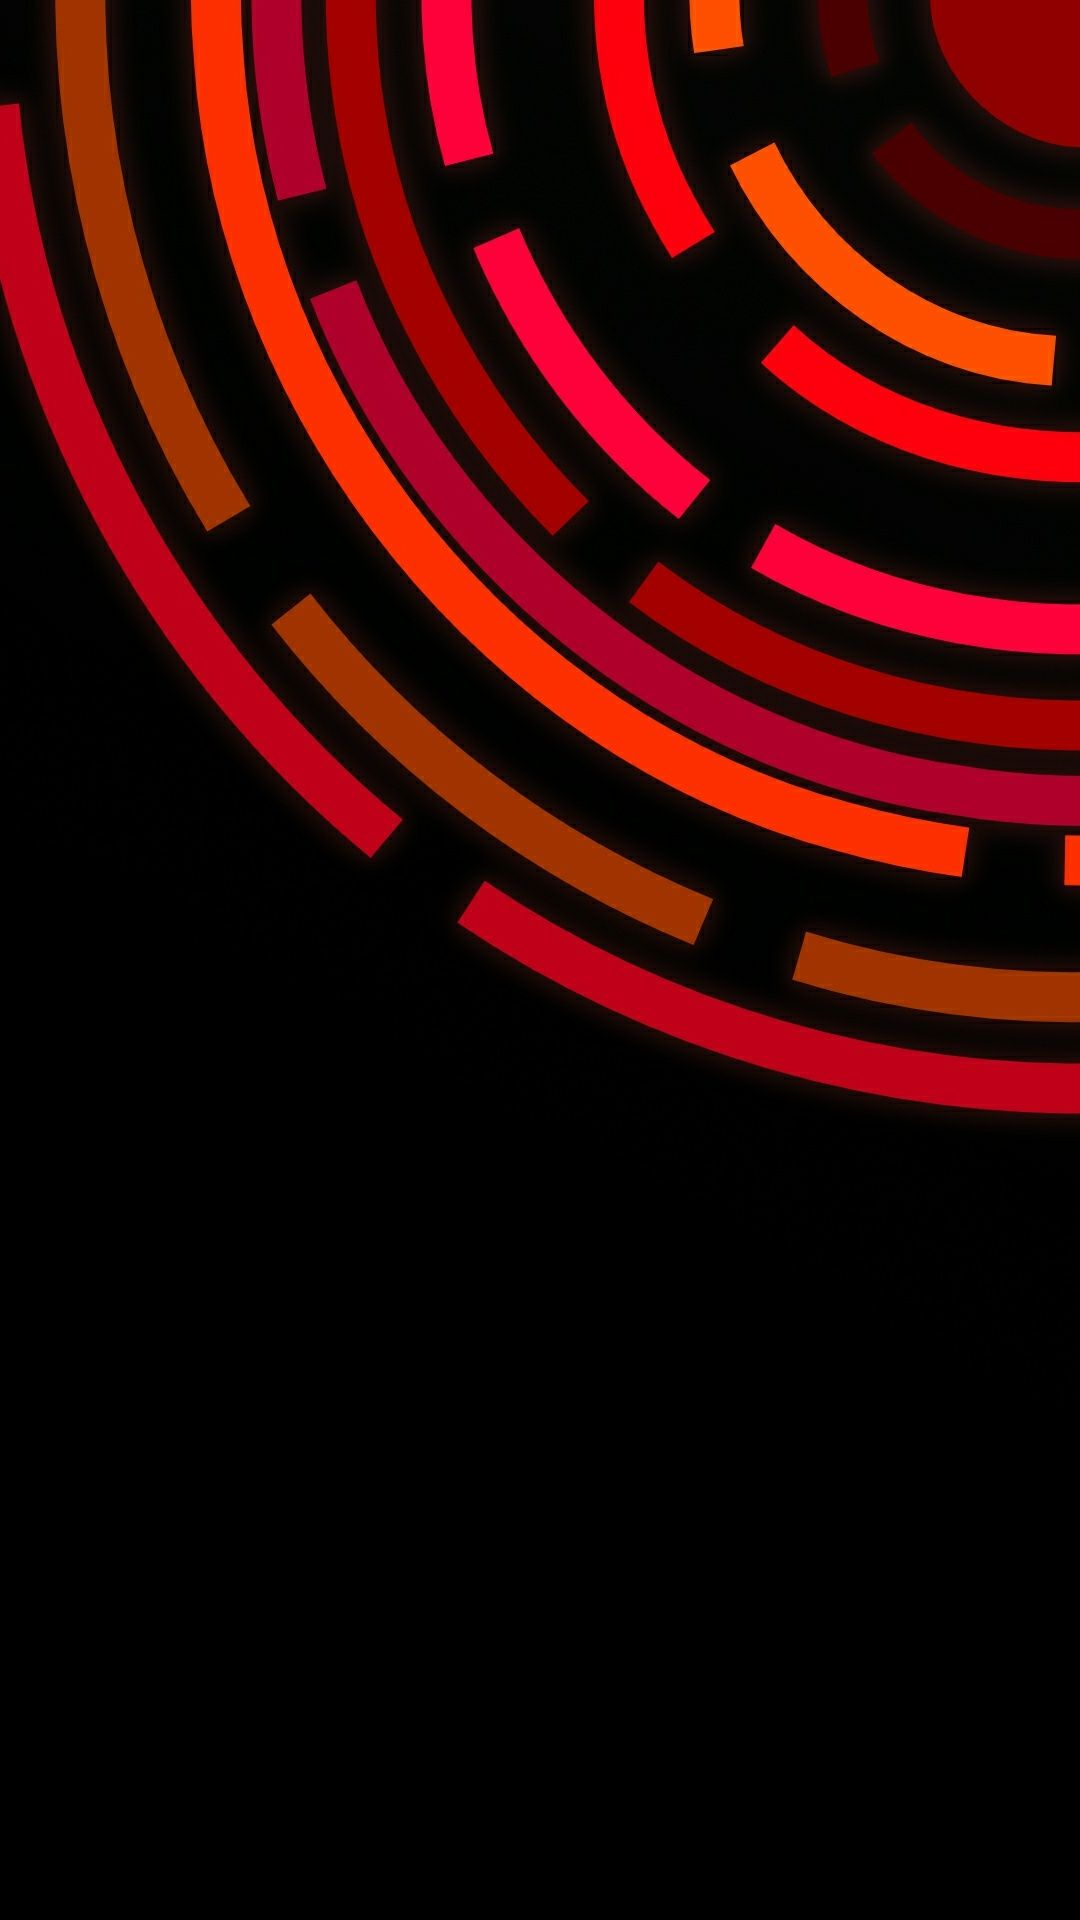 Vibrant Super AMOLED Wallpapers - Top Free Vibrant Super ...